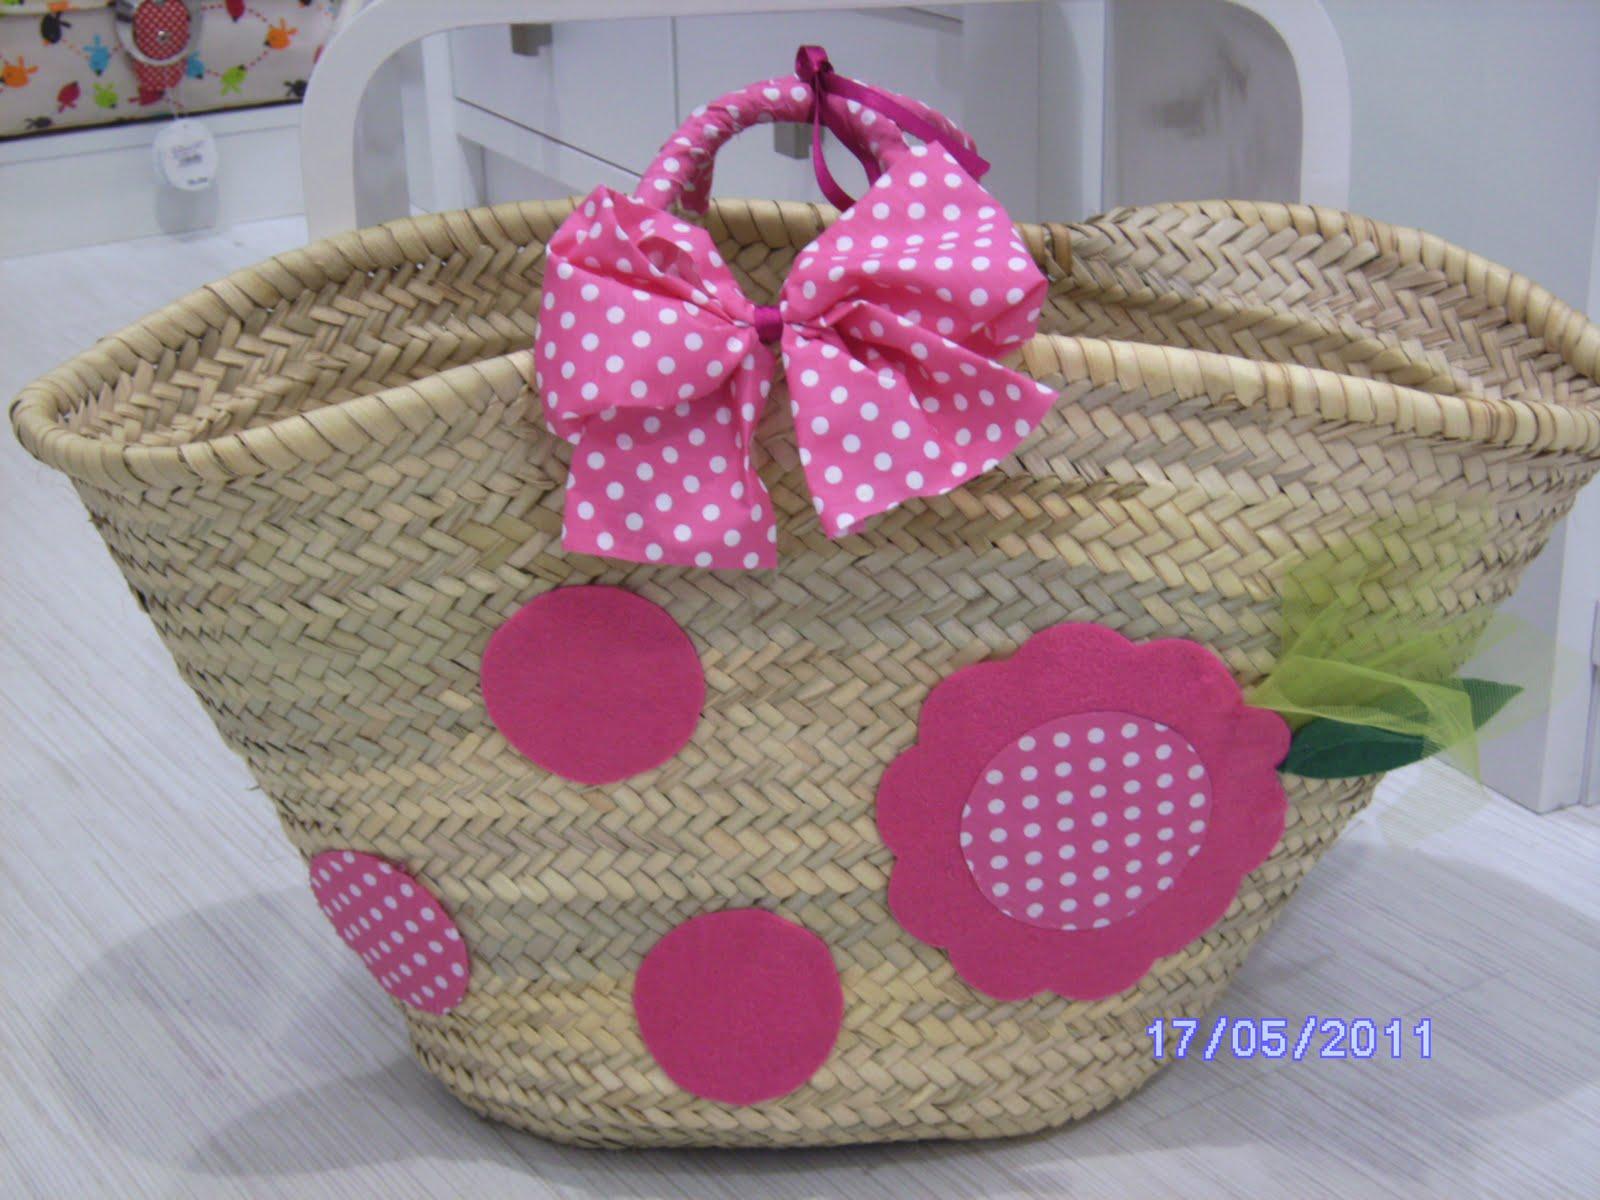 Caramelo s cestas de playa - Cestas de playa personalizadas ...